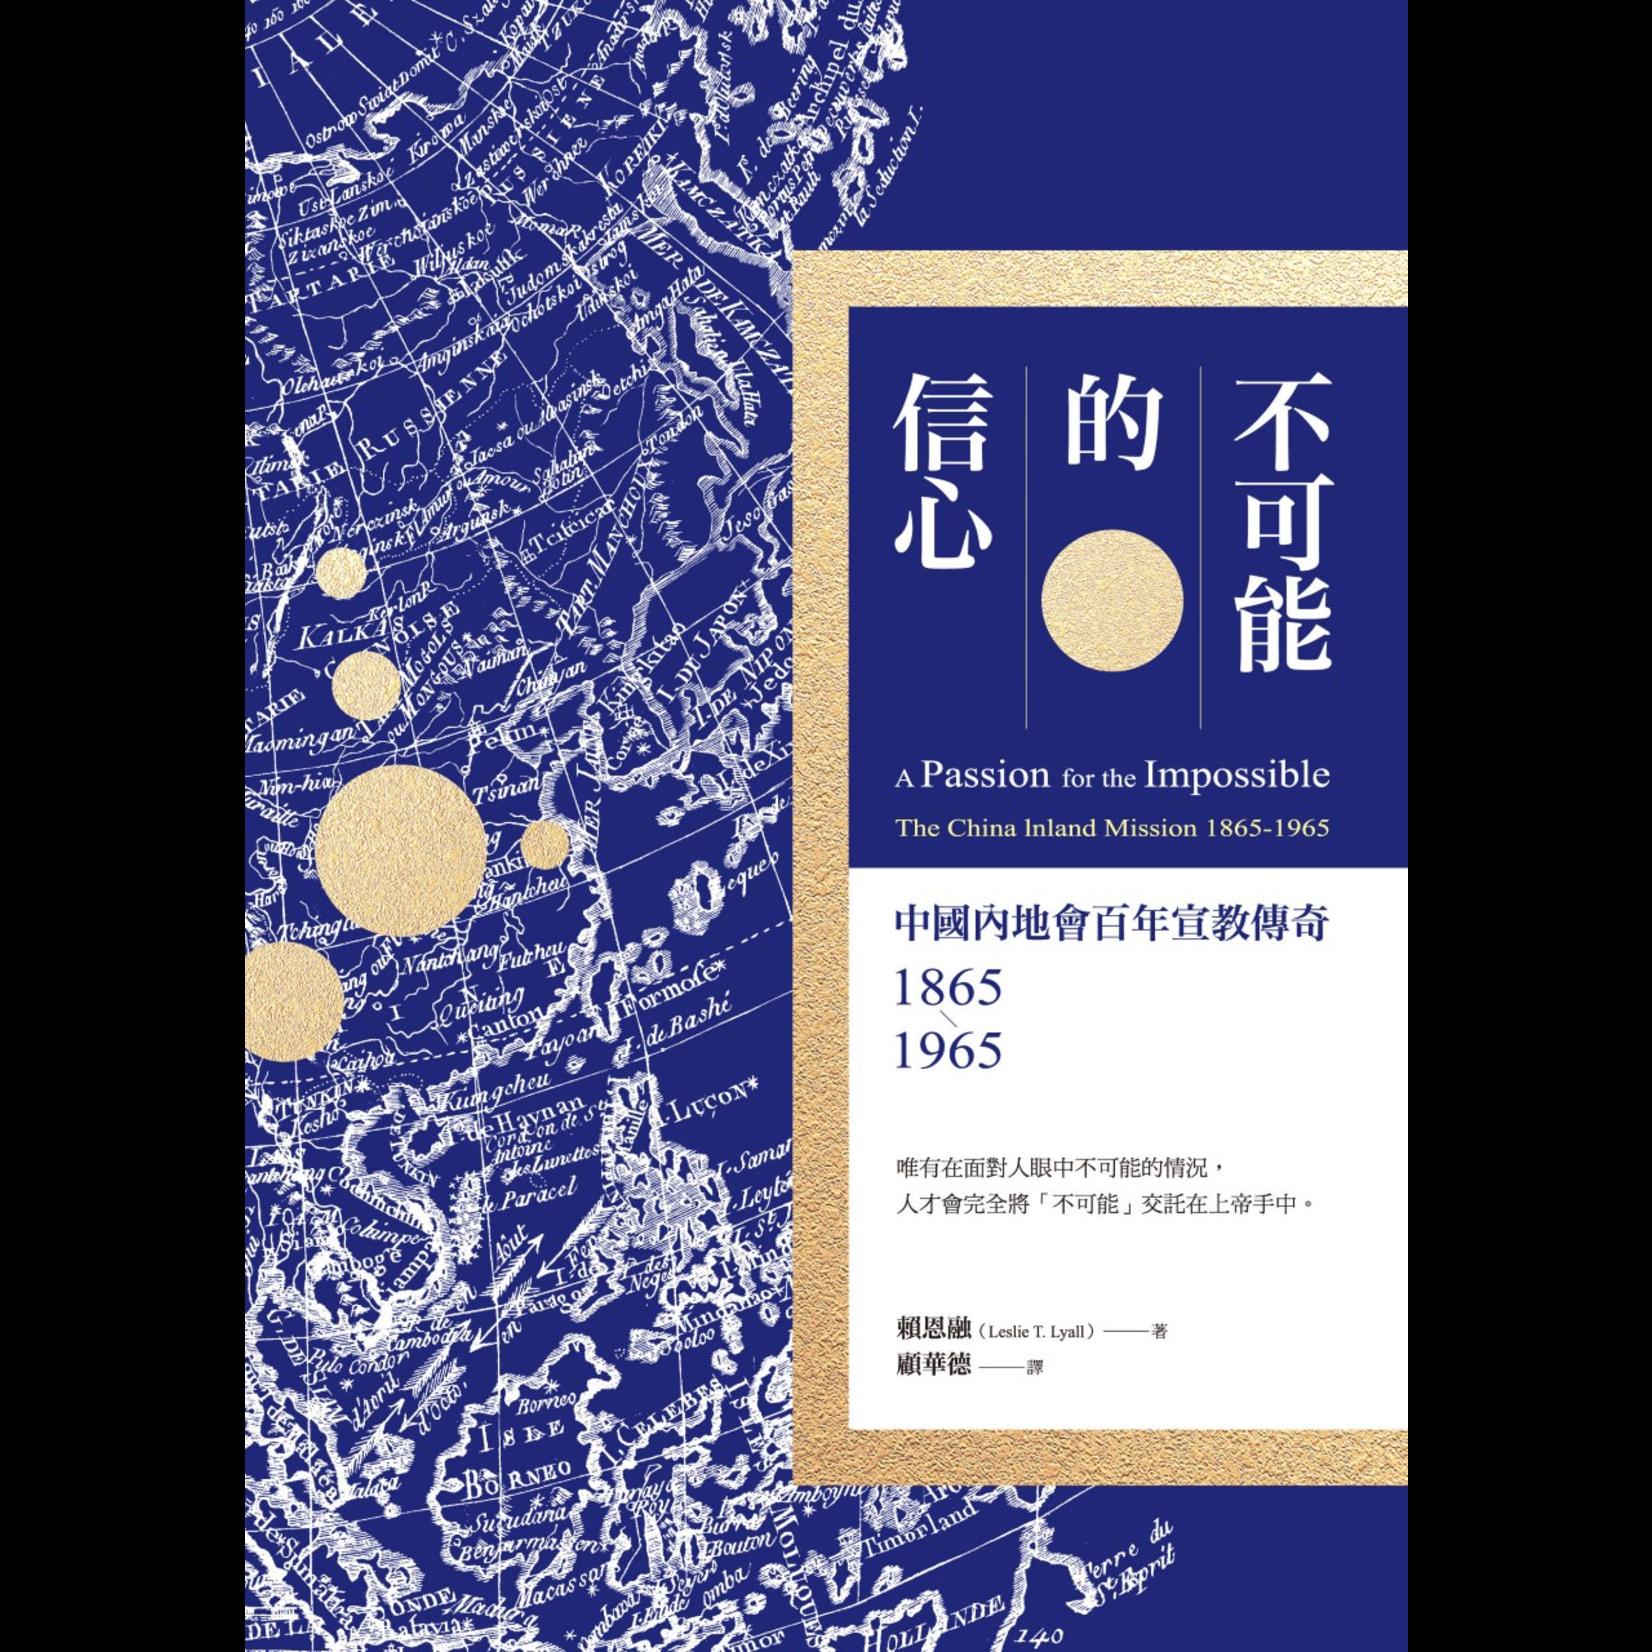 宇宙光 Cosmic Light 不可能的信心:中國內地會百年宣教傳奇1865-1965  (A Passion for the Impossible: The China lnland Mission 1865-1965)